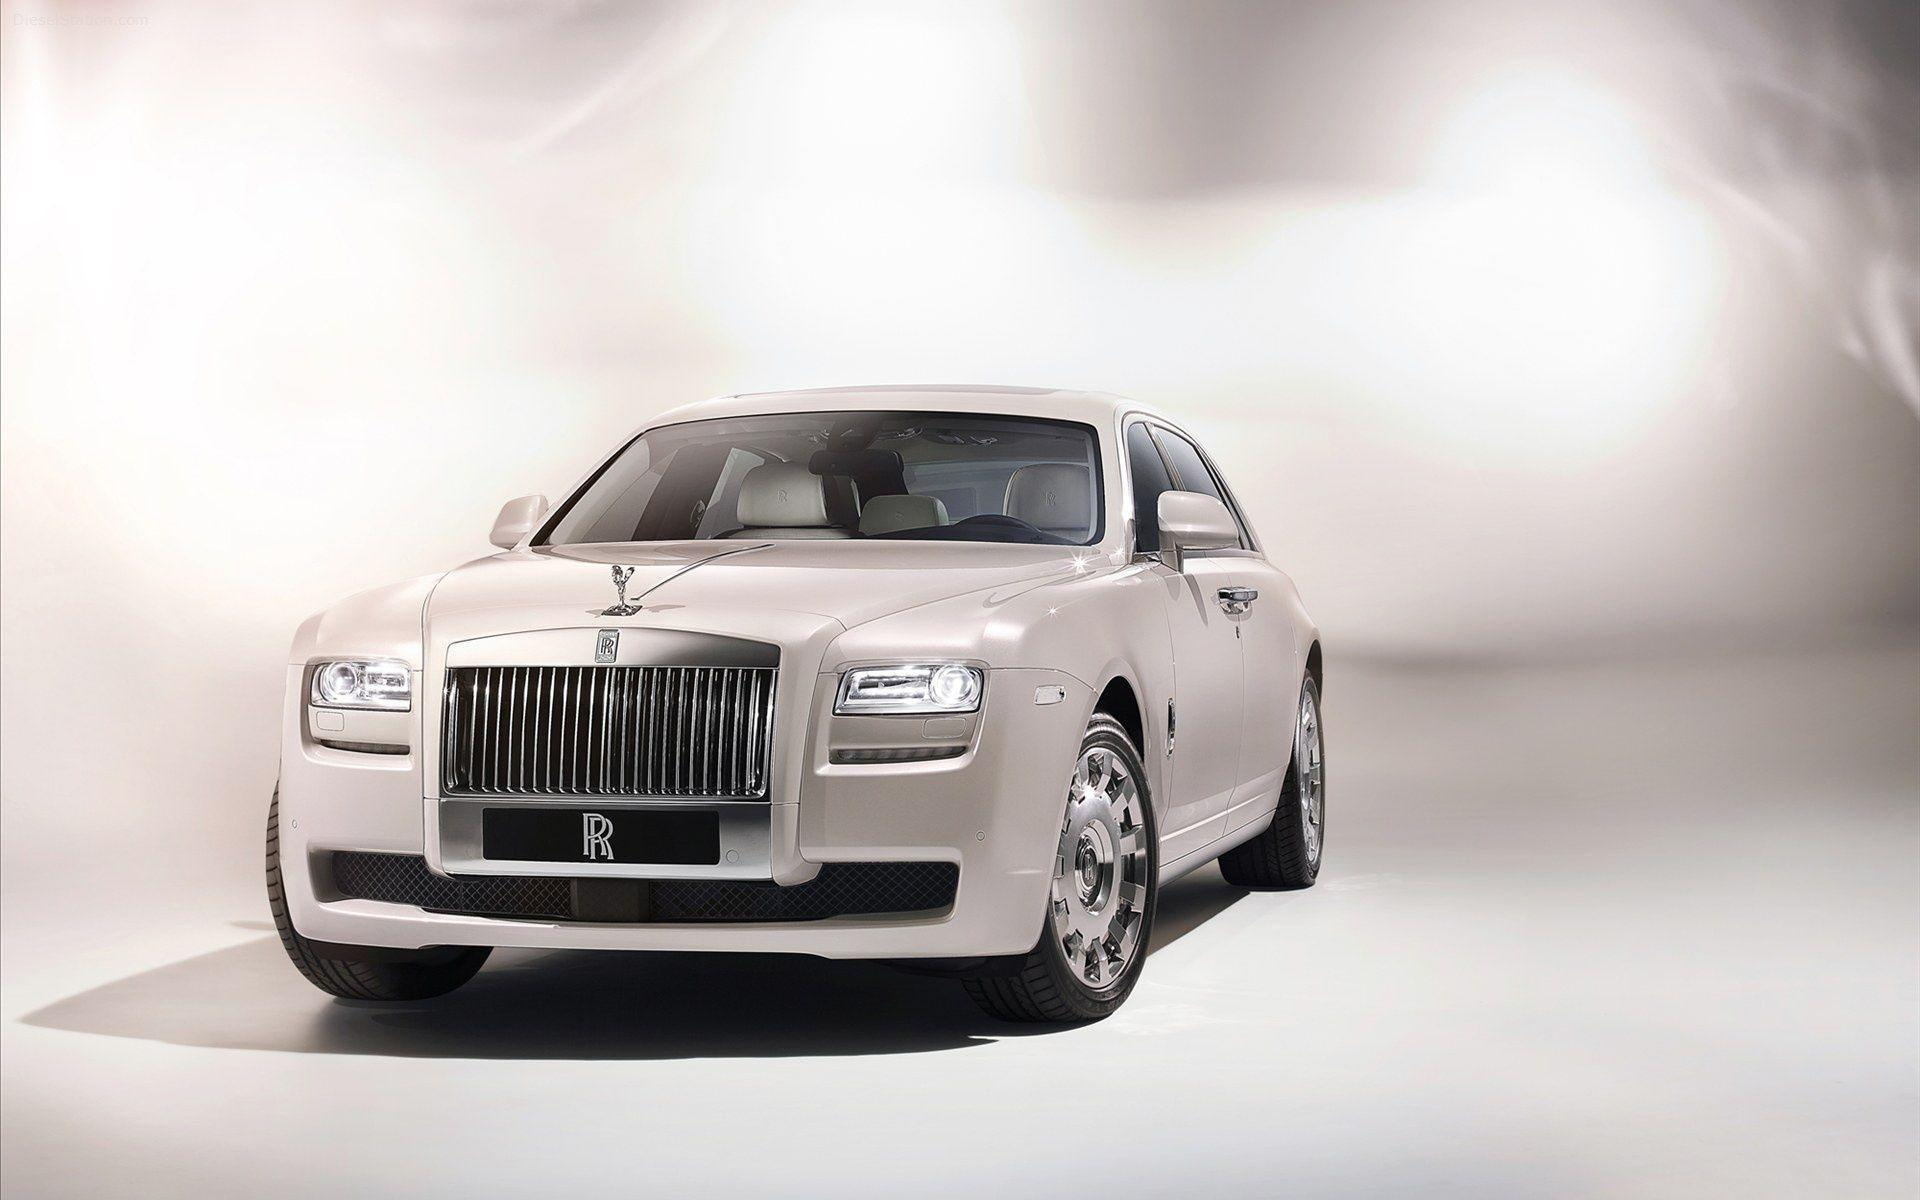 Rolls Royce Wallpapers - Wallpaper Cave